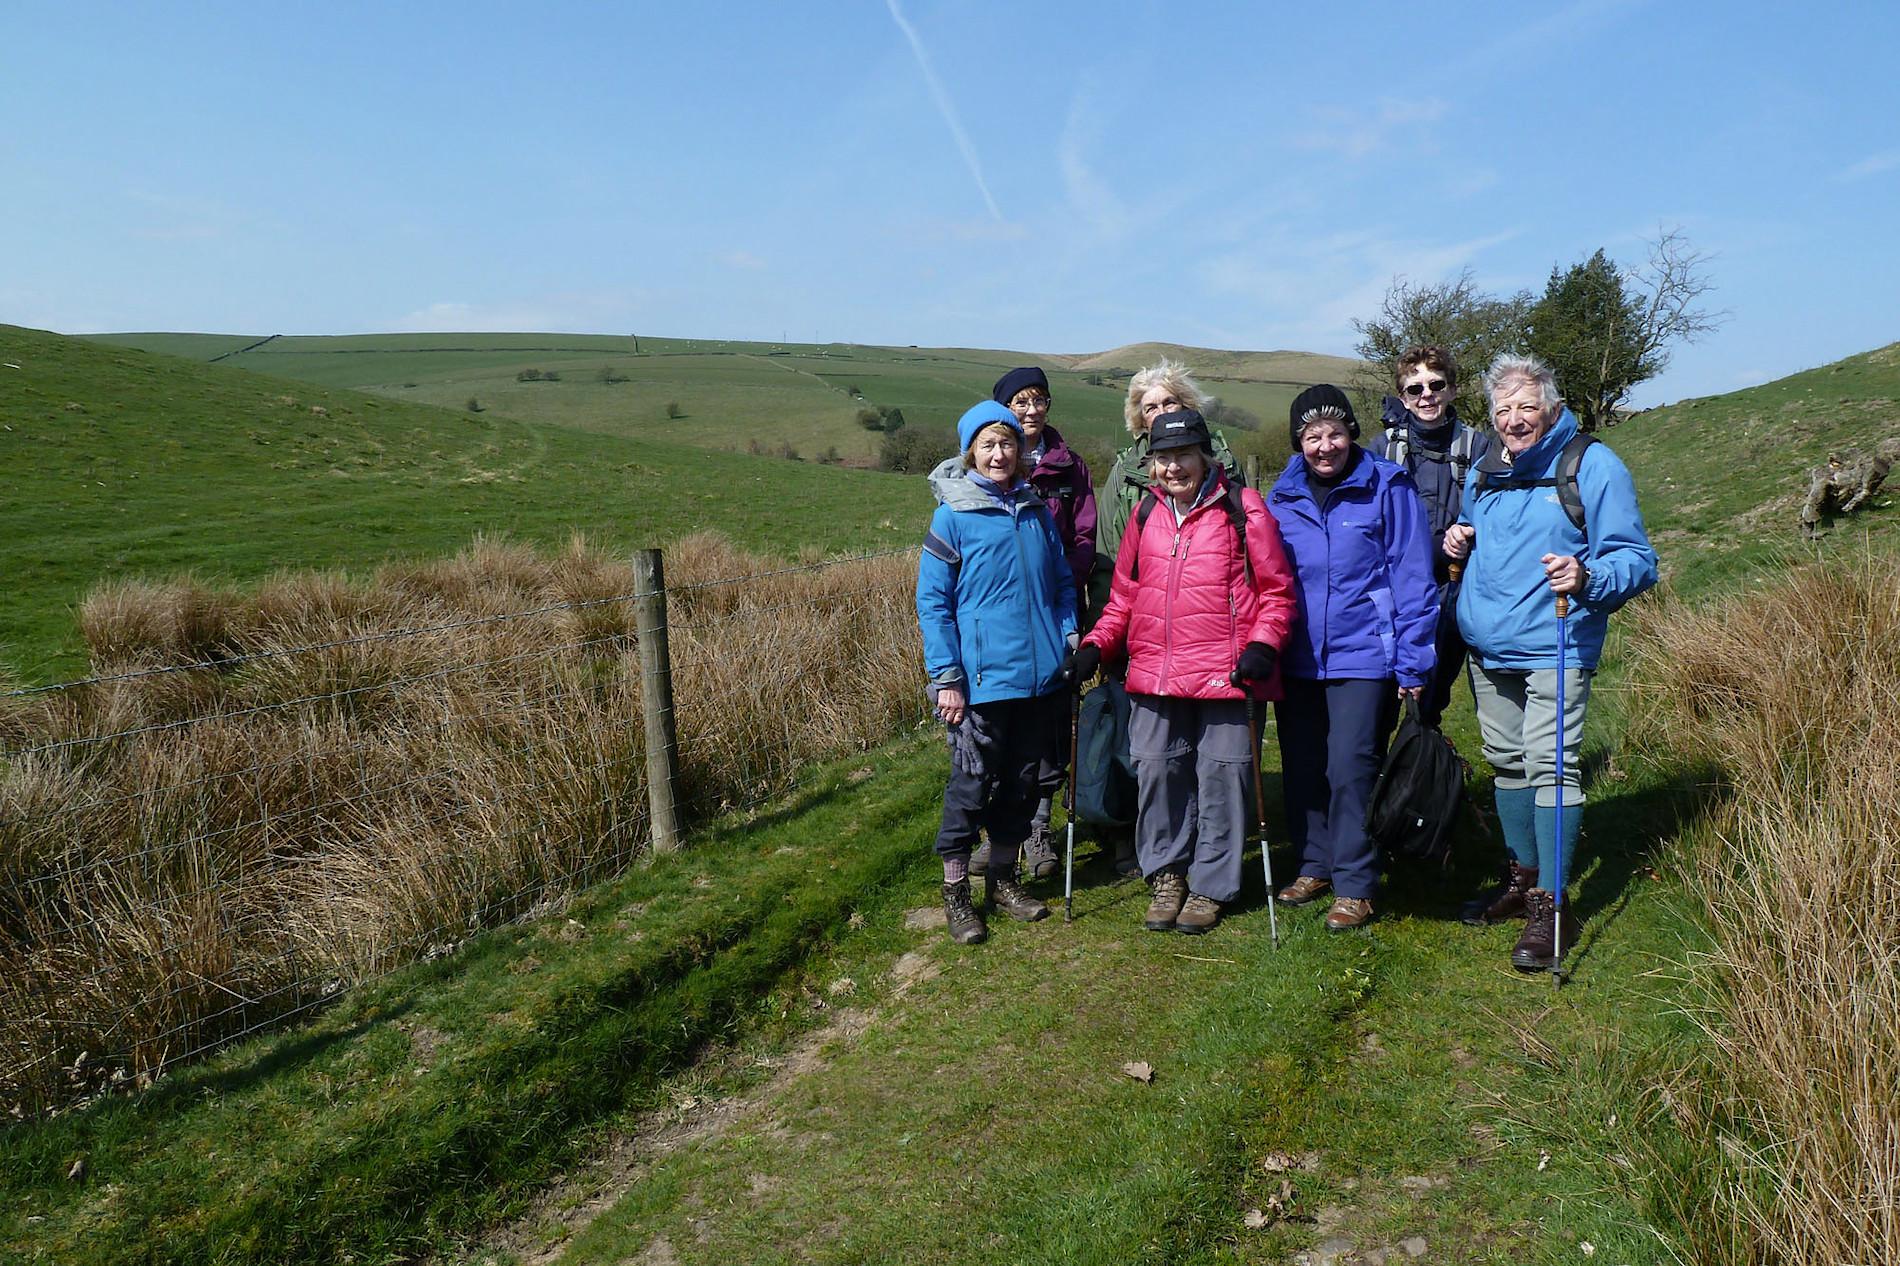 Walking Group at Lyme Park